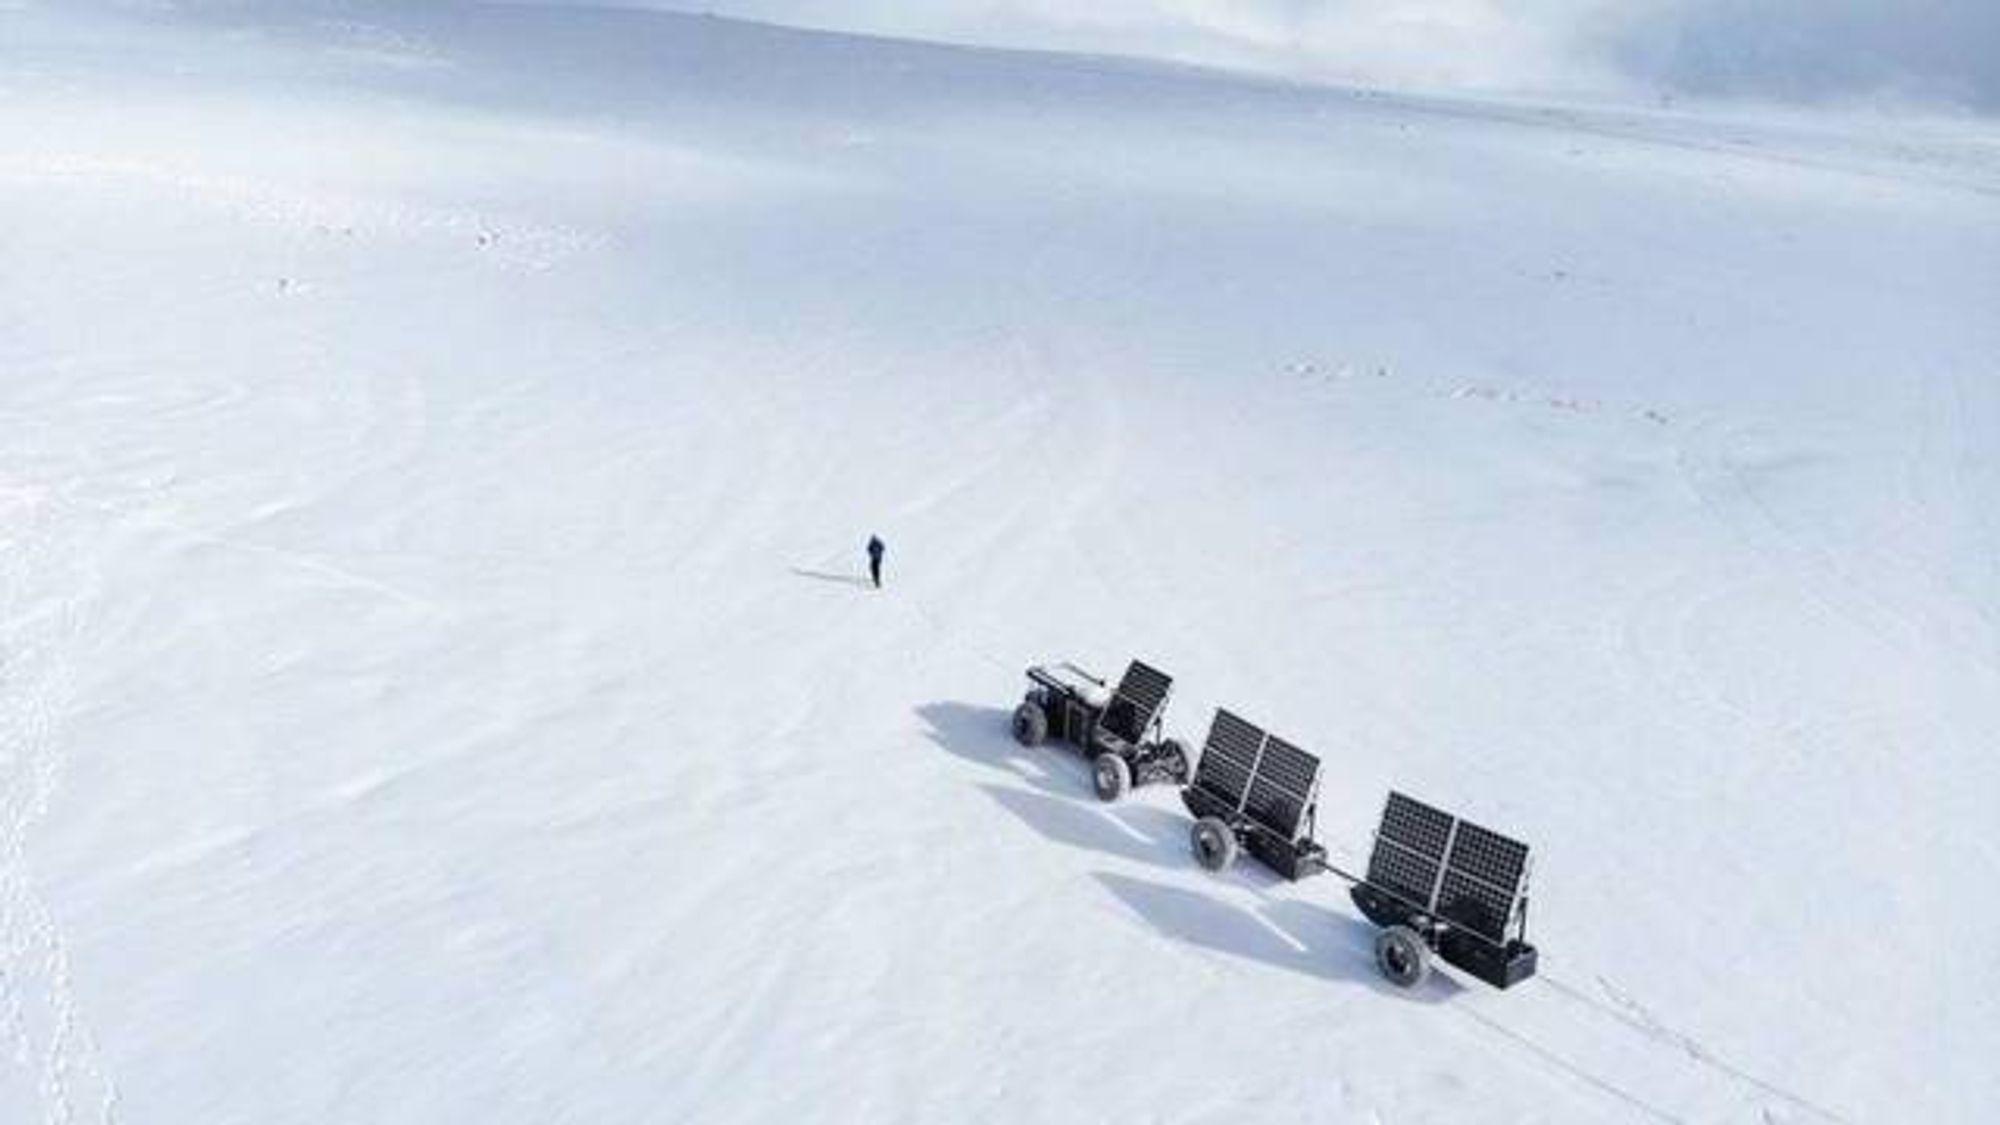 Med et kjøretøyet består av en trekkvogn med fire hjul og to enakslede tilhengere med flere solcellepaneler, skal et par begynne sin langsomme reise over Antarktis mot Sørpolen.